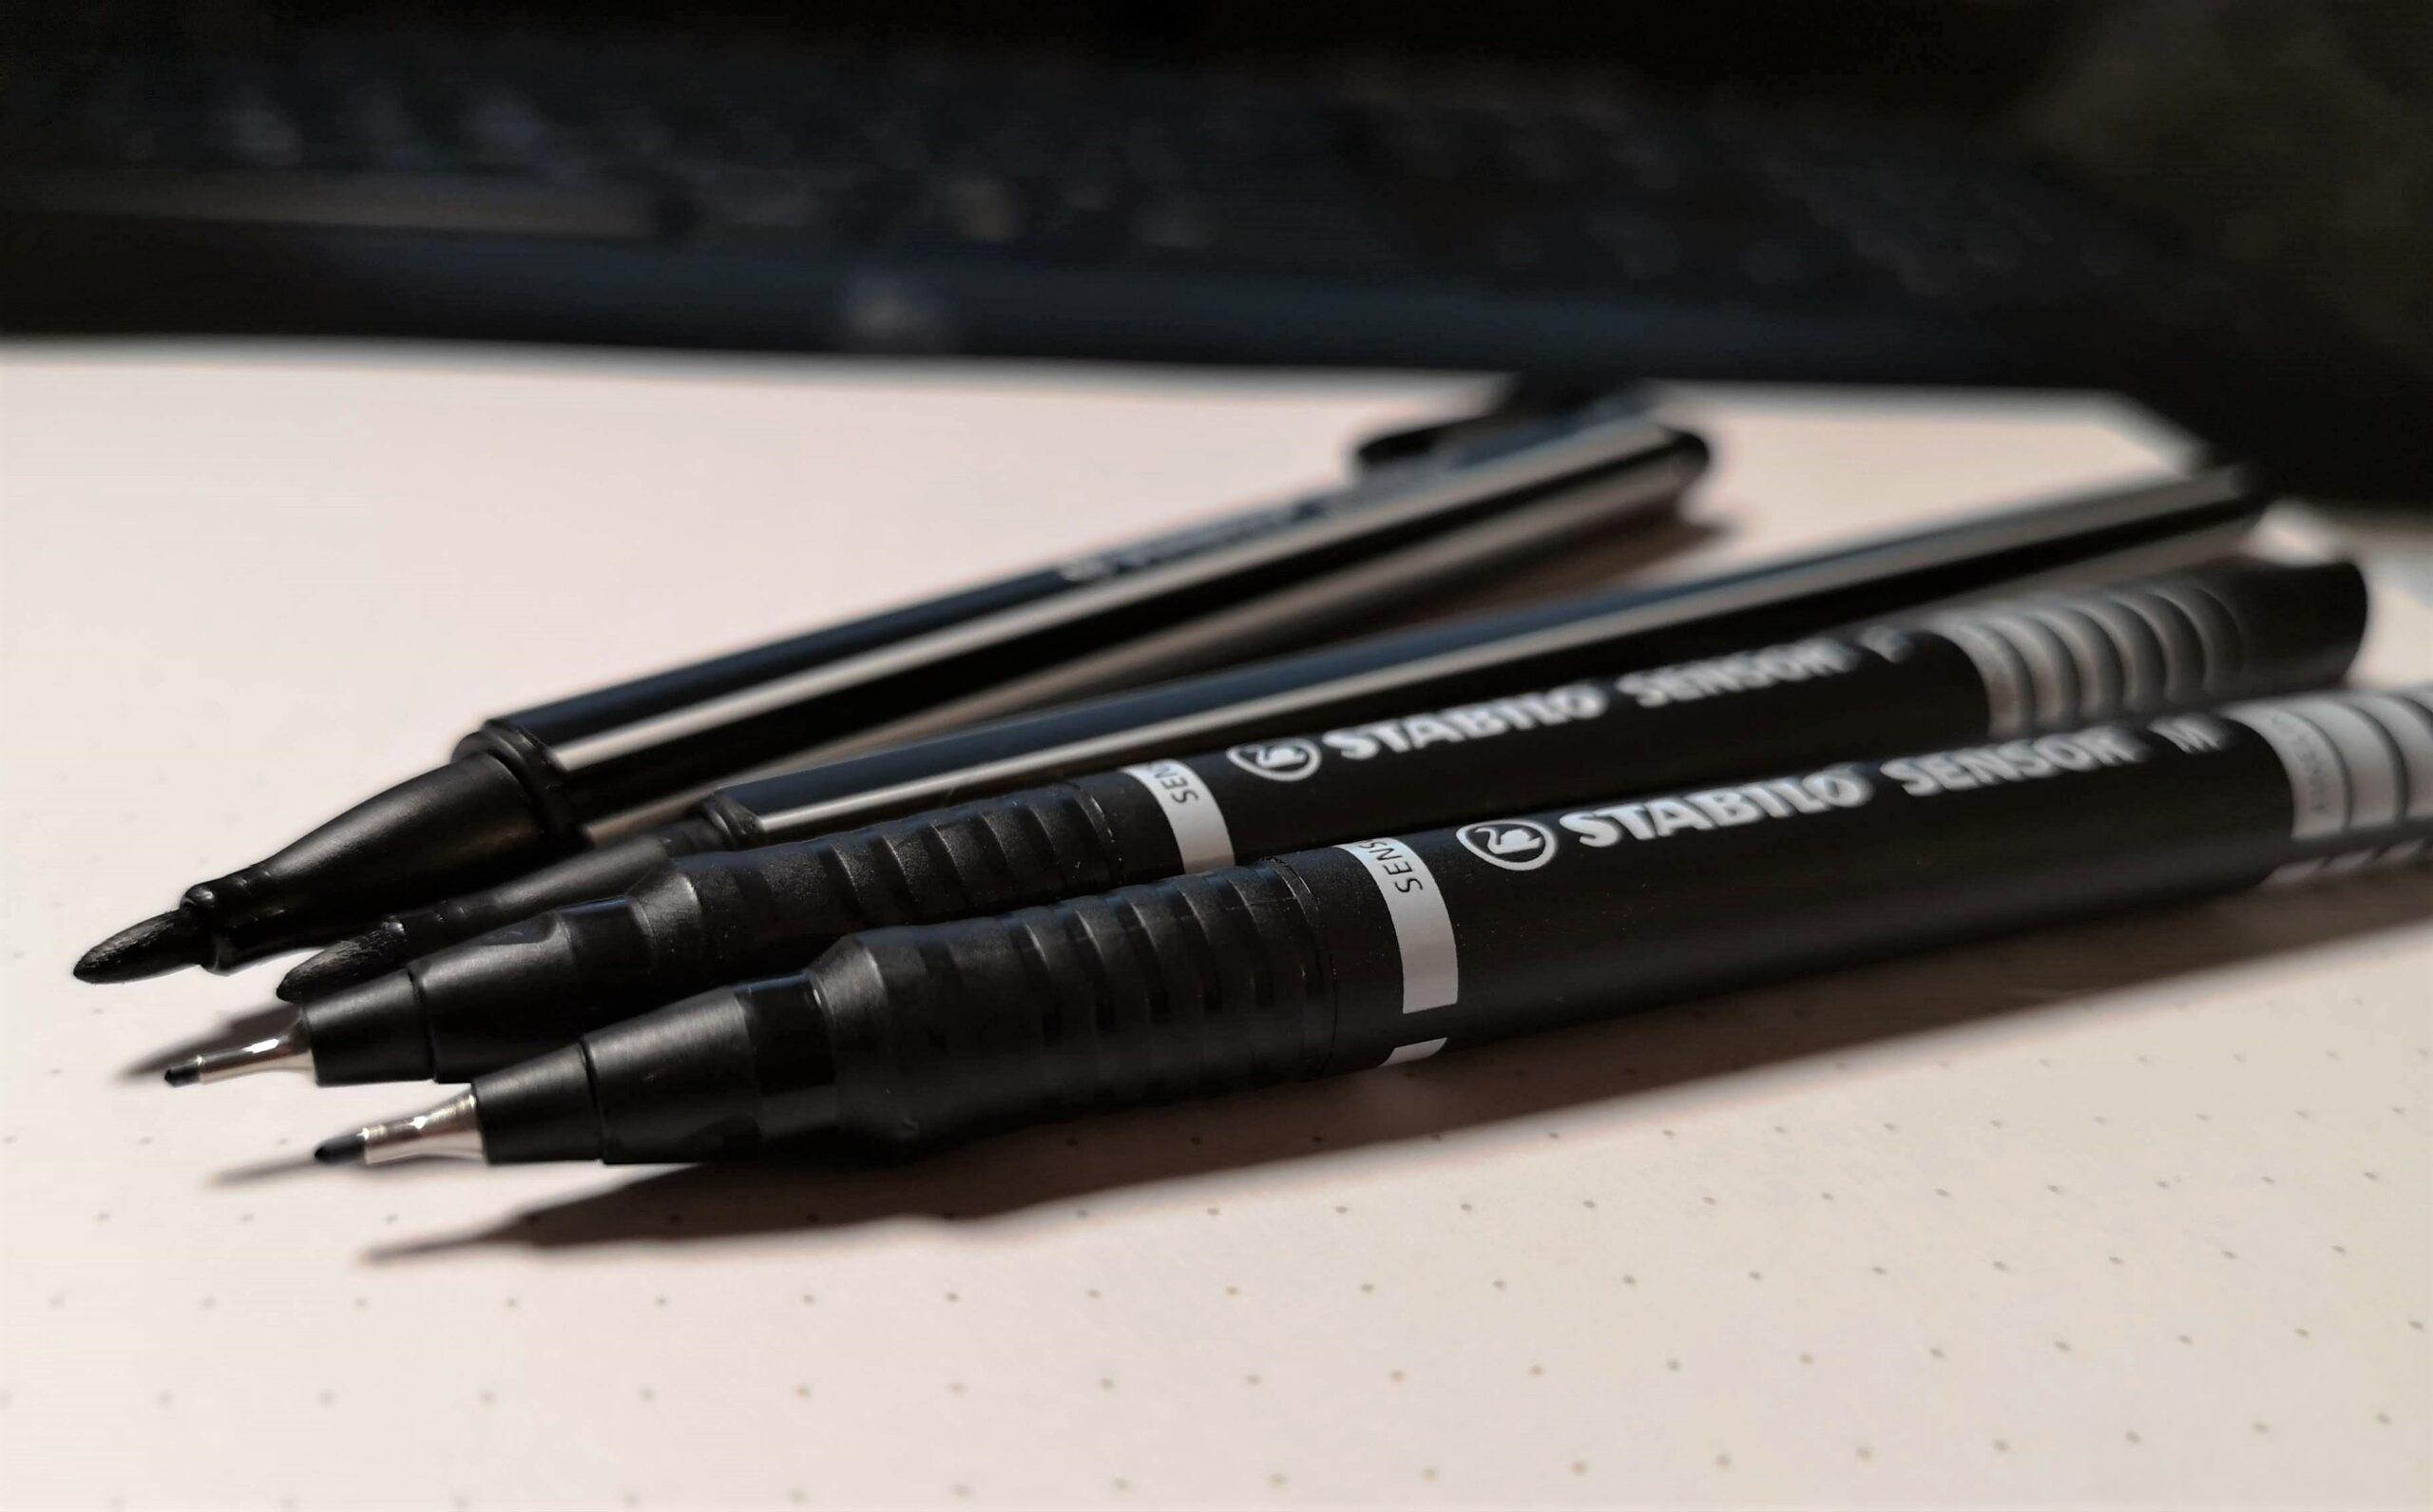 Auf dem Bild sieht man vier schwarze Stifte, die sehr gut zum Zeichnen und Sketchnoten geeignet sind. Sketchnotes mit diesen Stiften sehen immer gut aus.